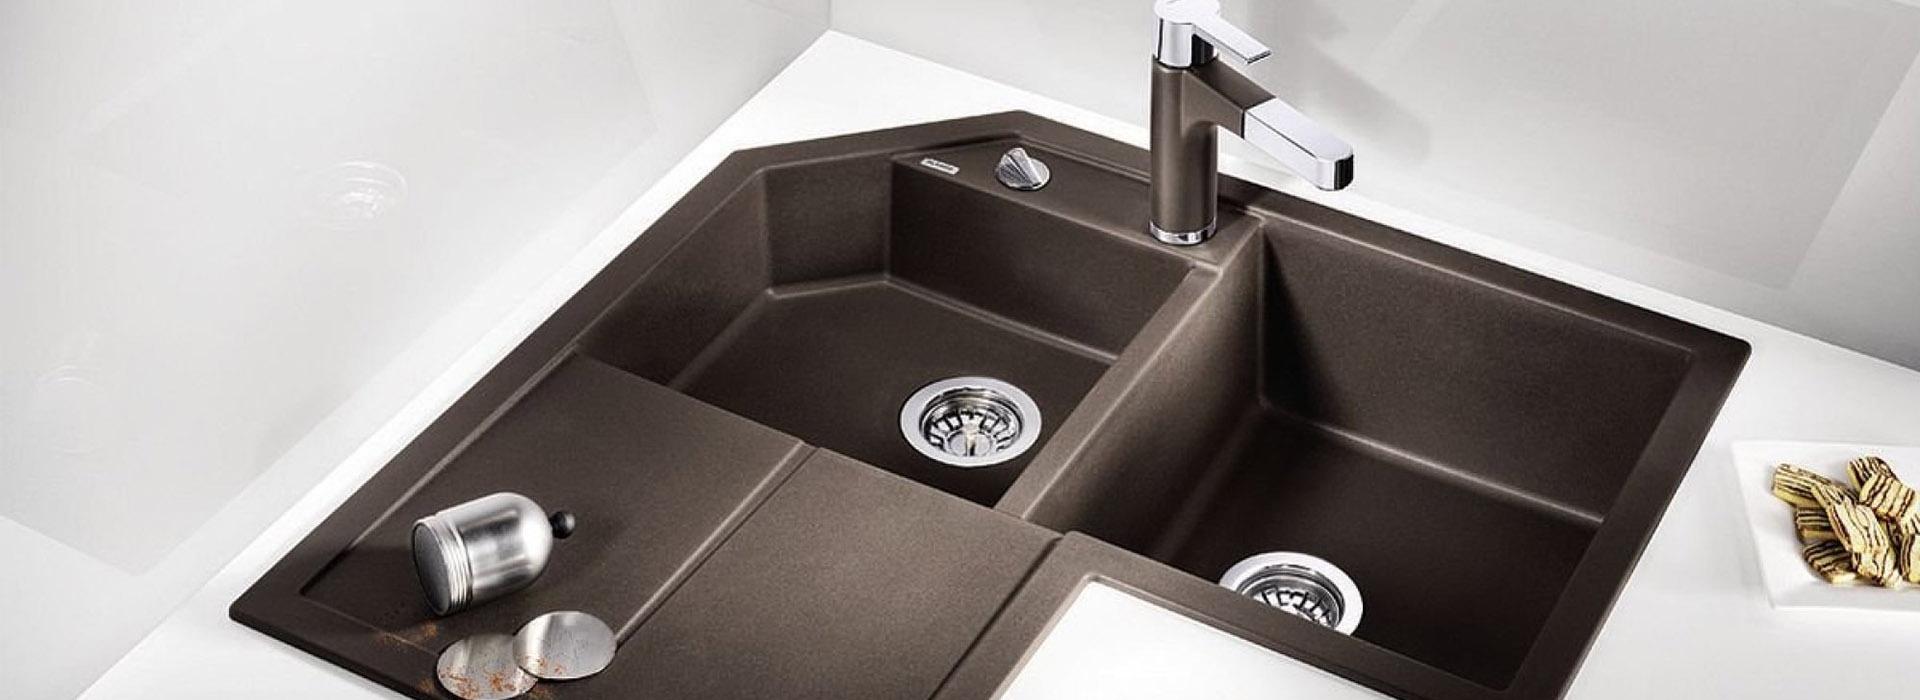 Küchenstudio Wollenberg Eckspüle Blanco Metra kaufen